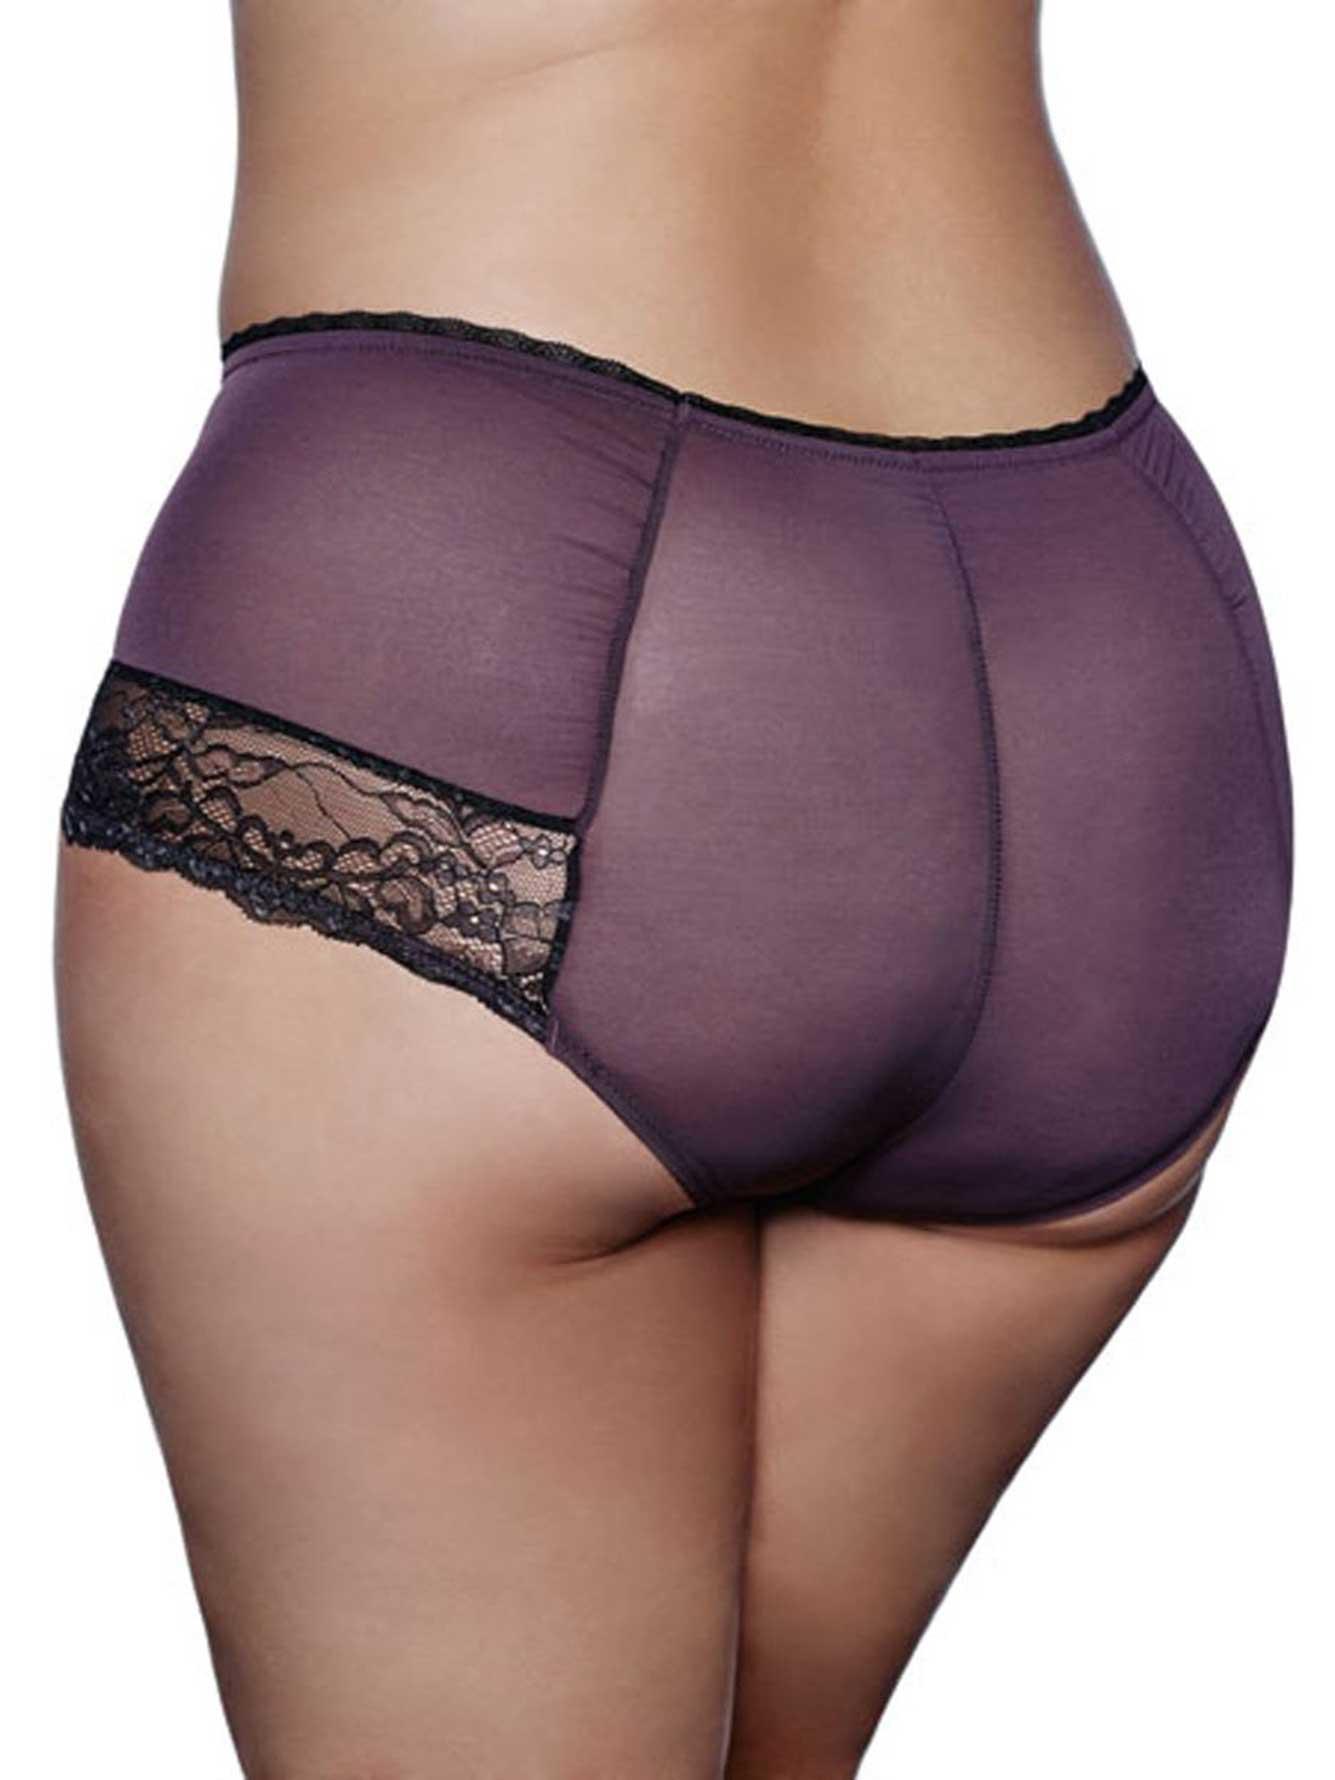 790622ce657 Ashley Graham Satin and Lace Boyshort Panty | Addition Elle